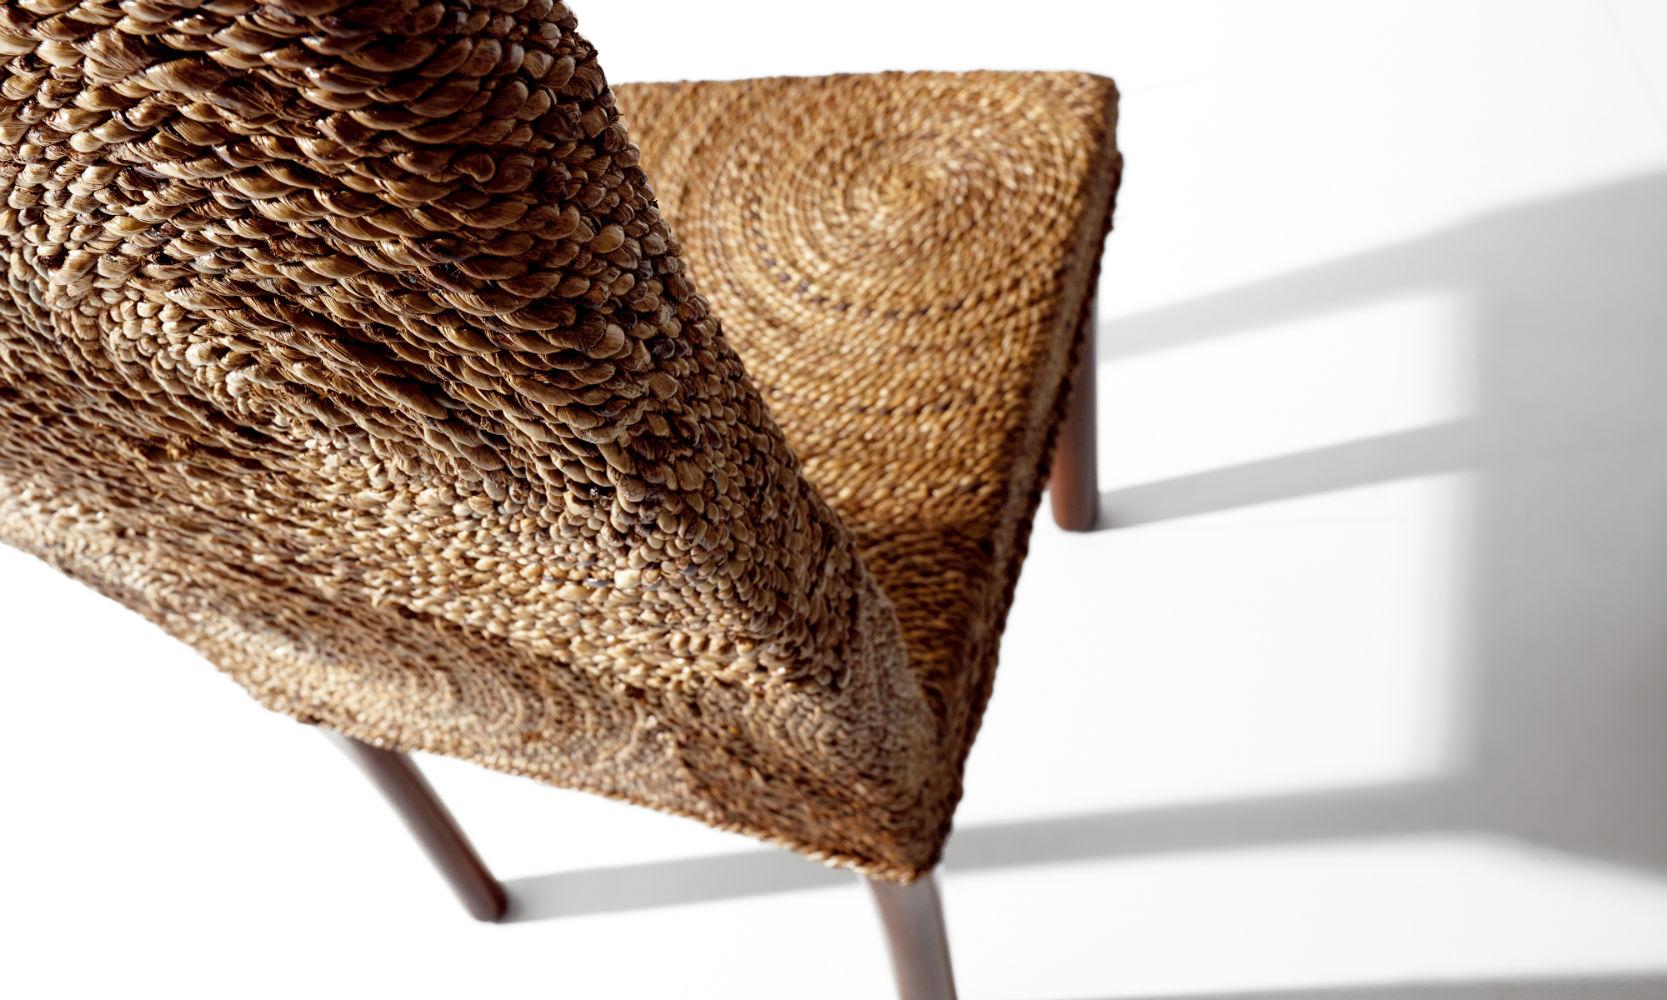 Sillas Clasicas Modernas Of Silla Moderna Colonial Clasica Rattan 99 24375